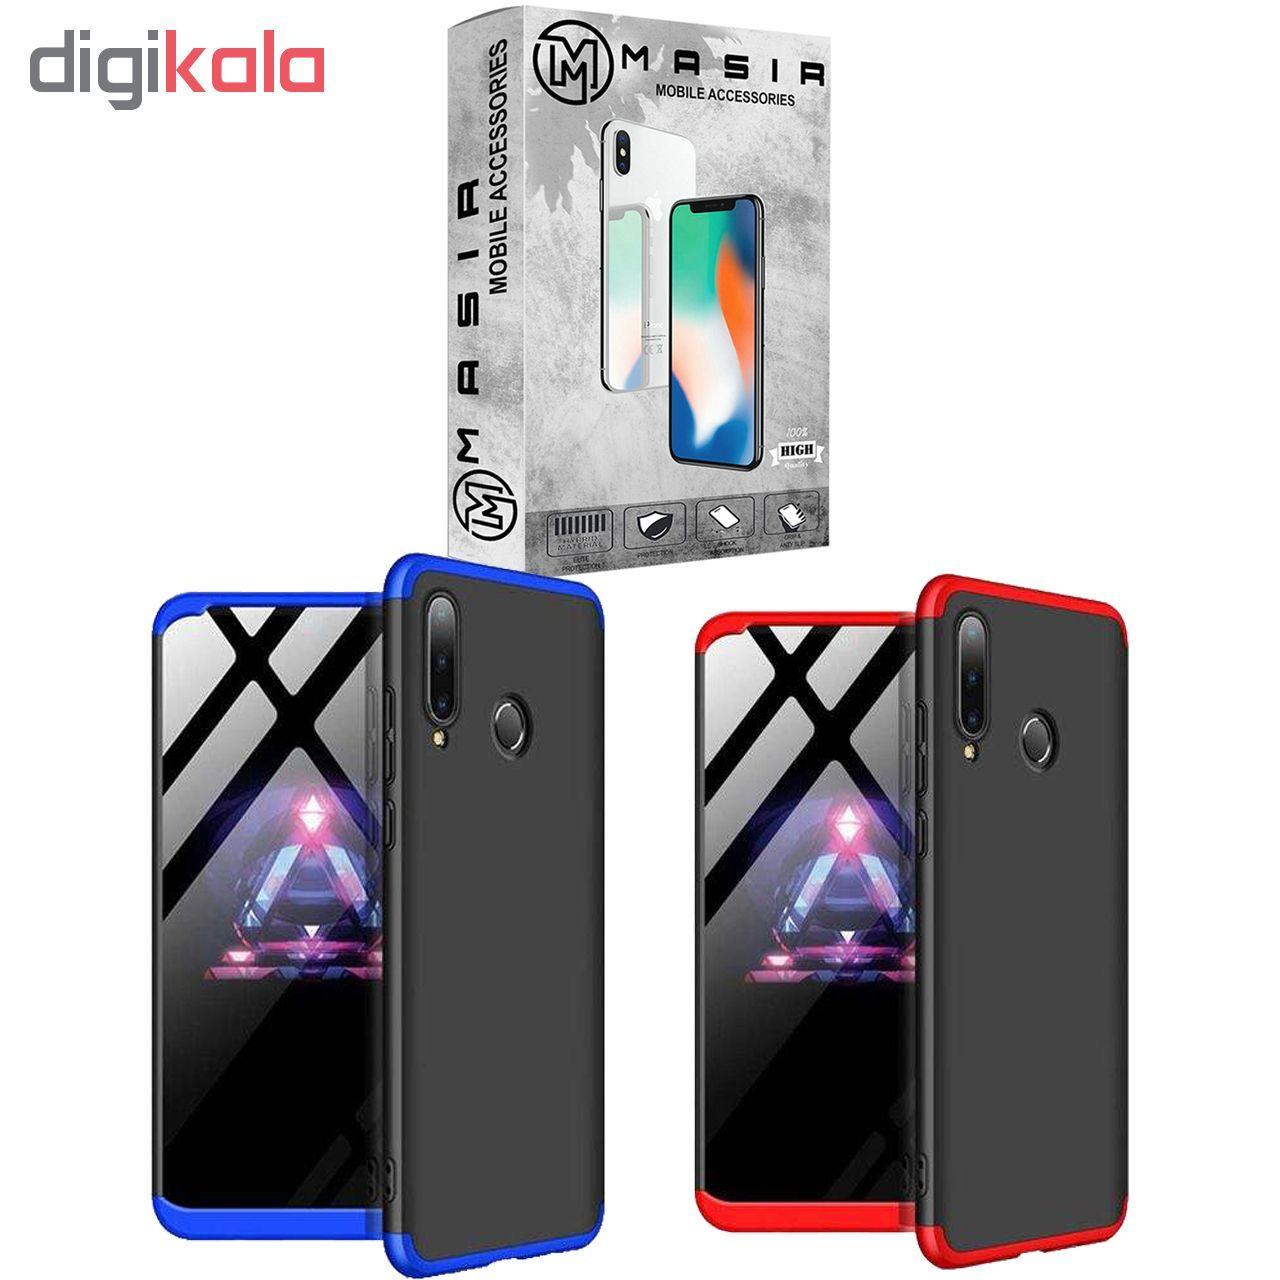 کاور 360 درجه مسیر مدل MGKS6-1 مناسب برای گوشی موبایل هوآوی P30 Lite main 1 1